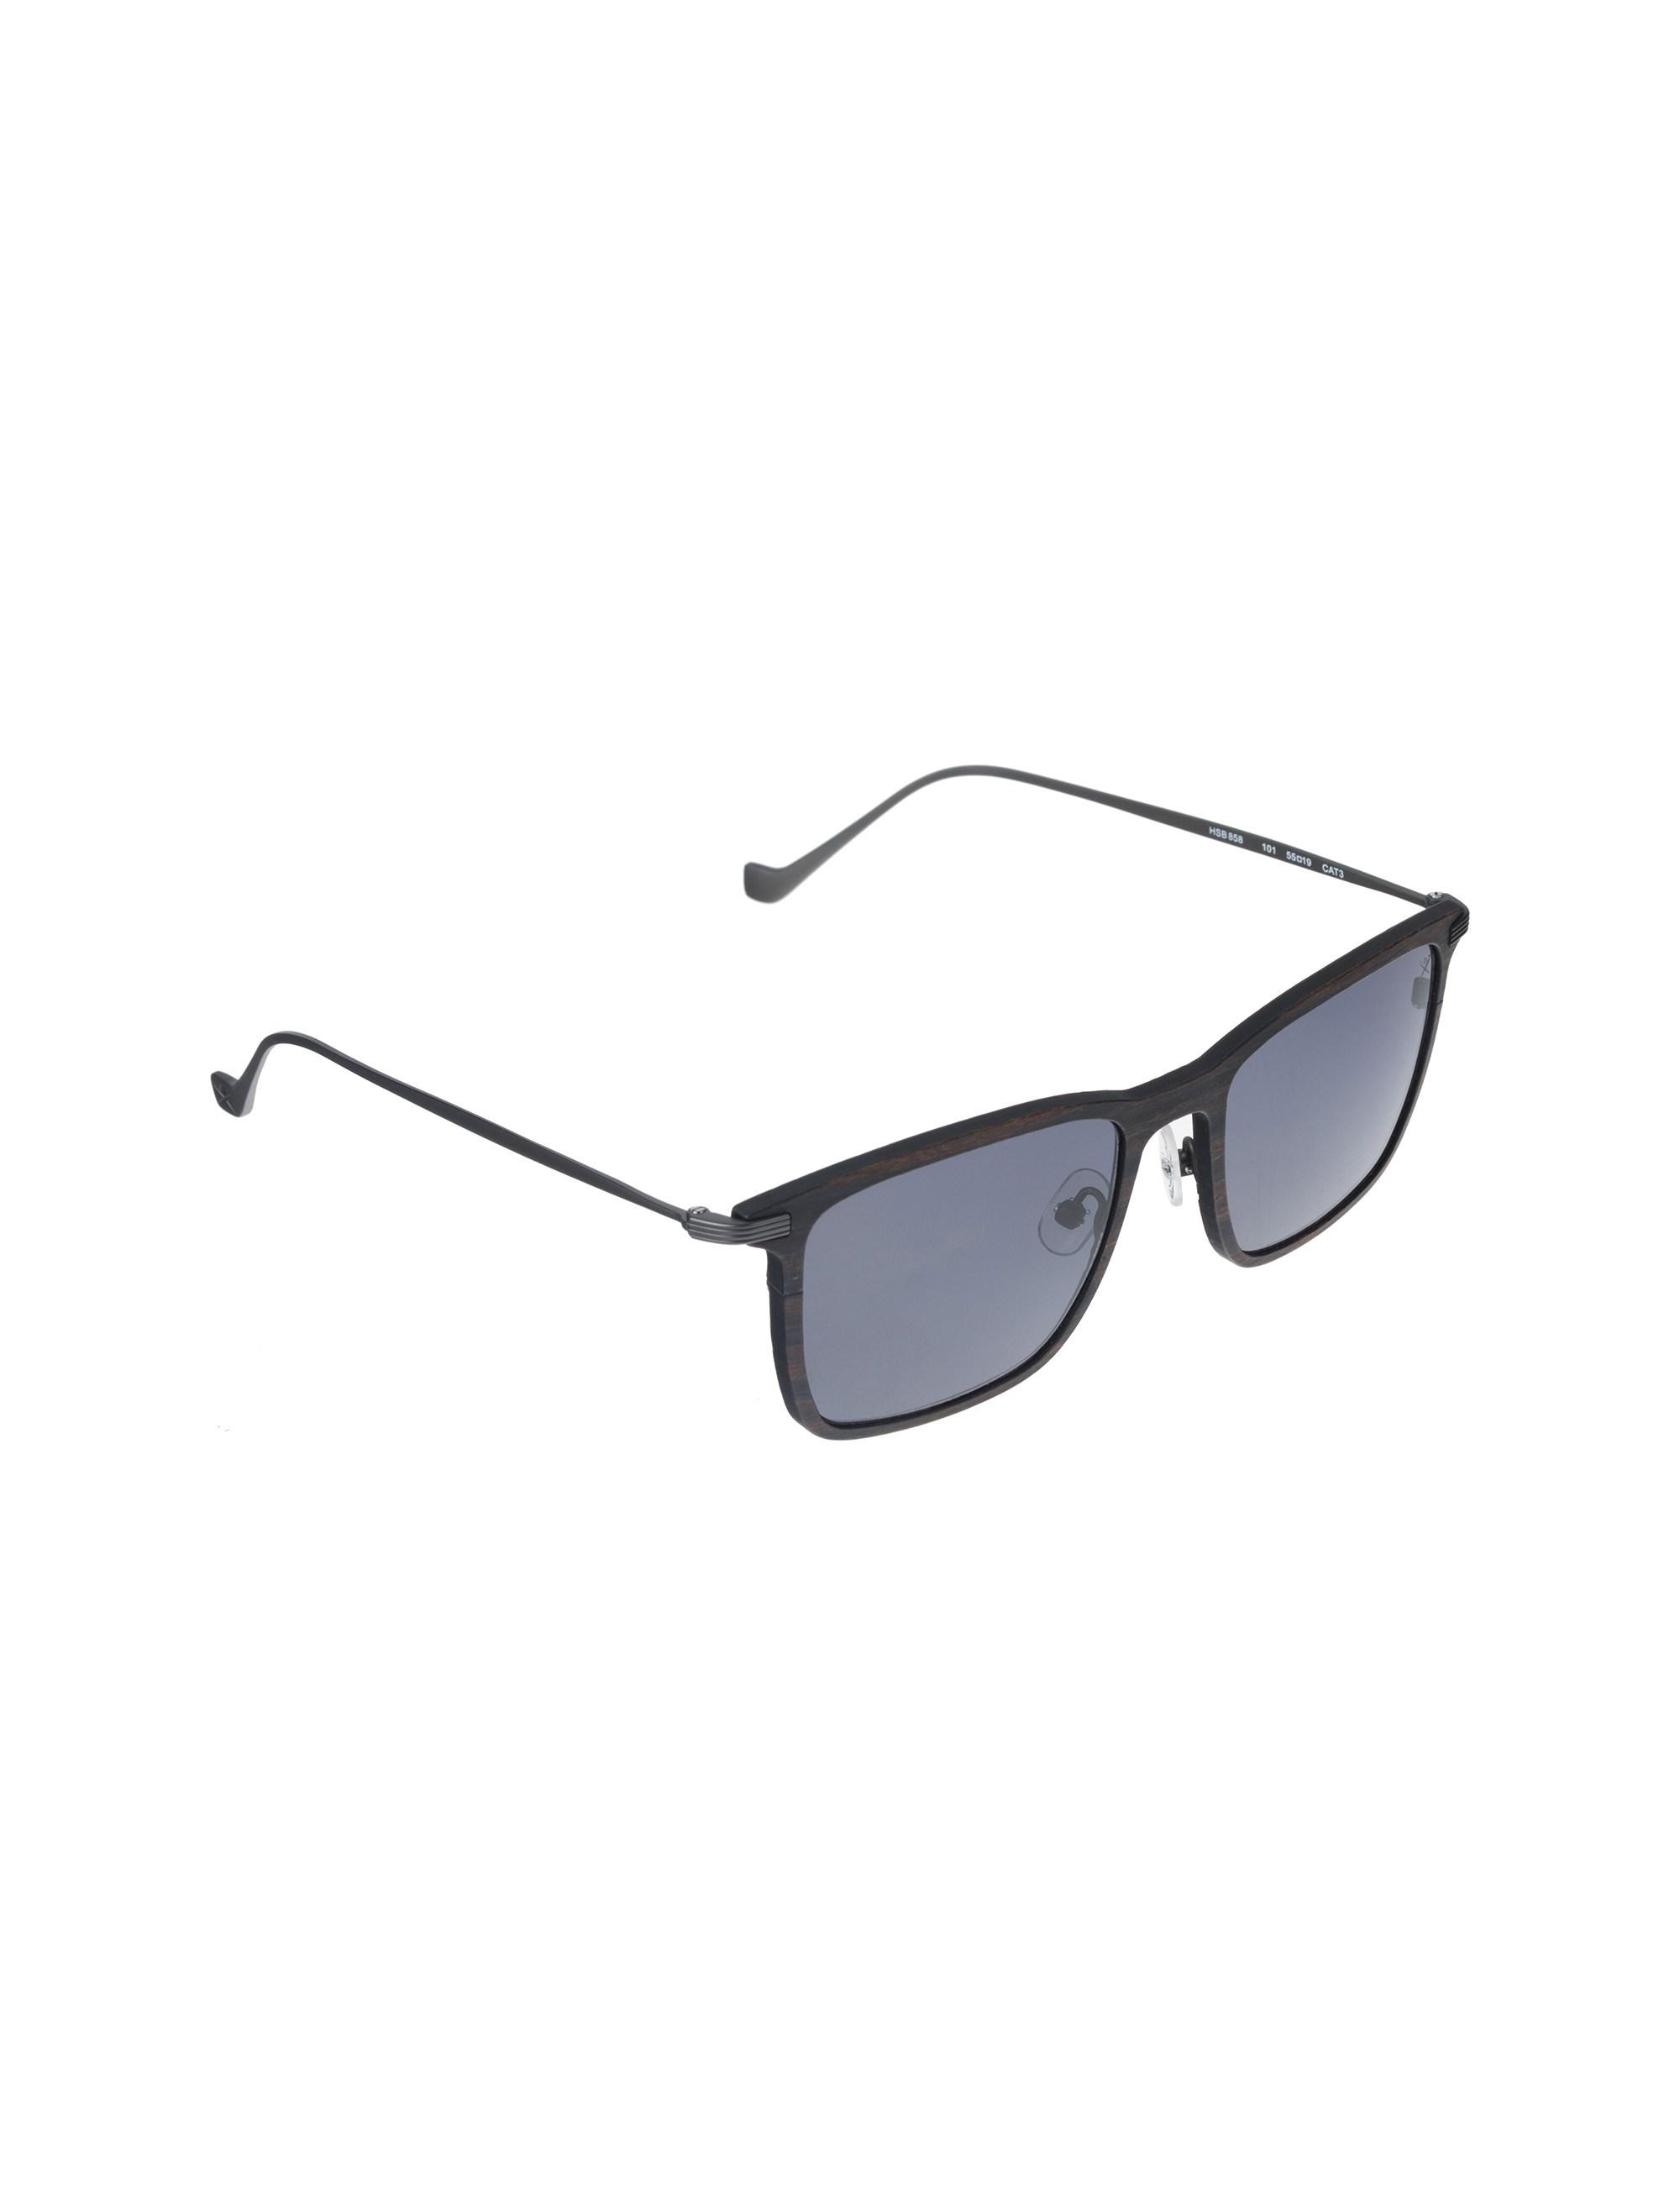 عینک آفتابی ویفرر مردانه - قهوه اي طرح چوب - 2